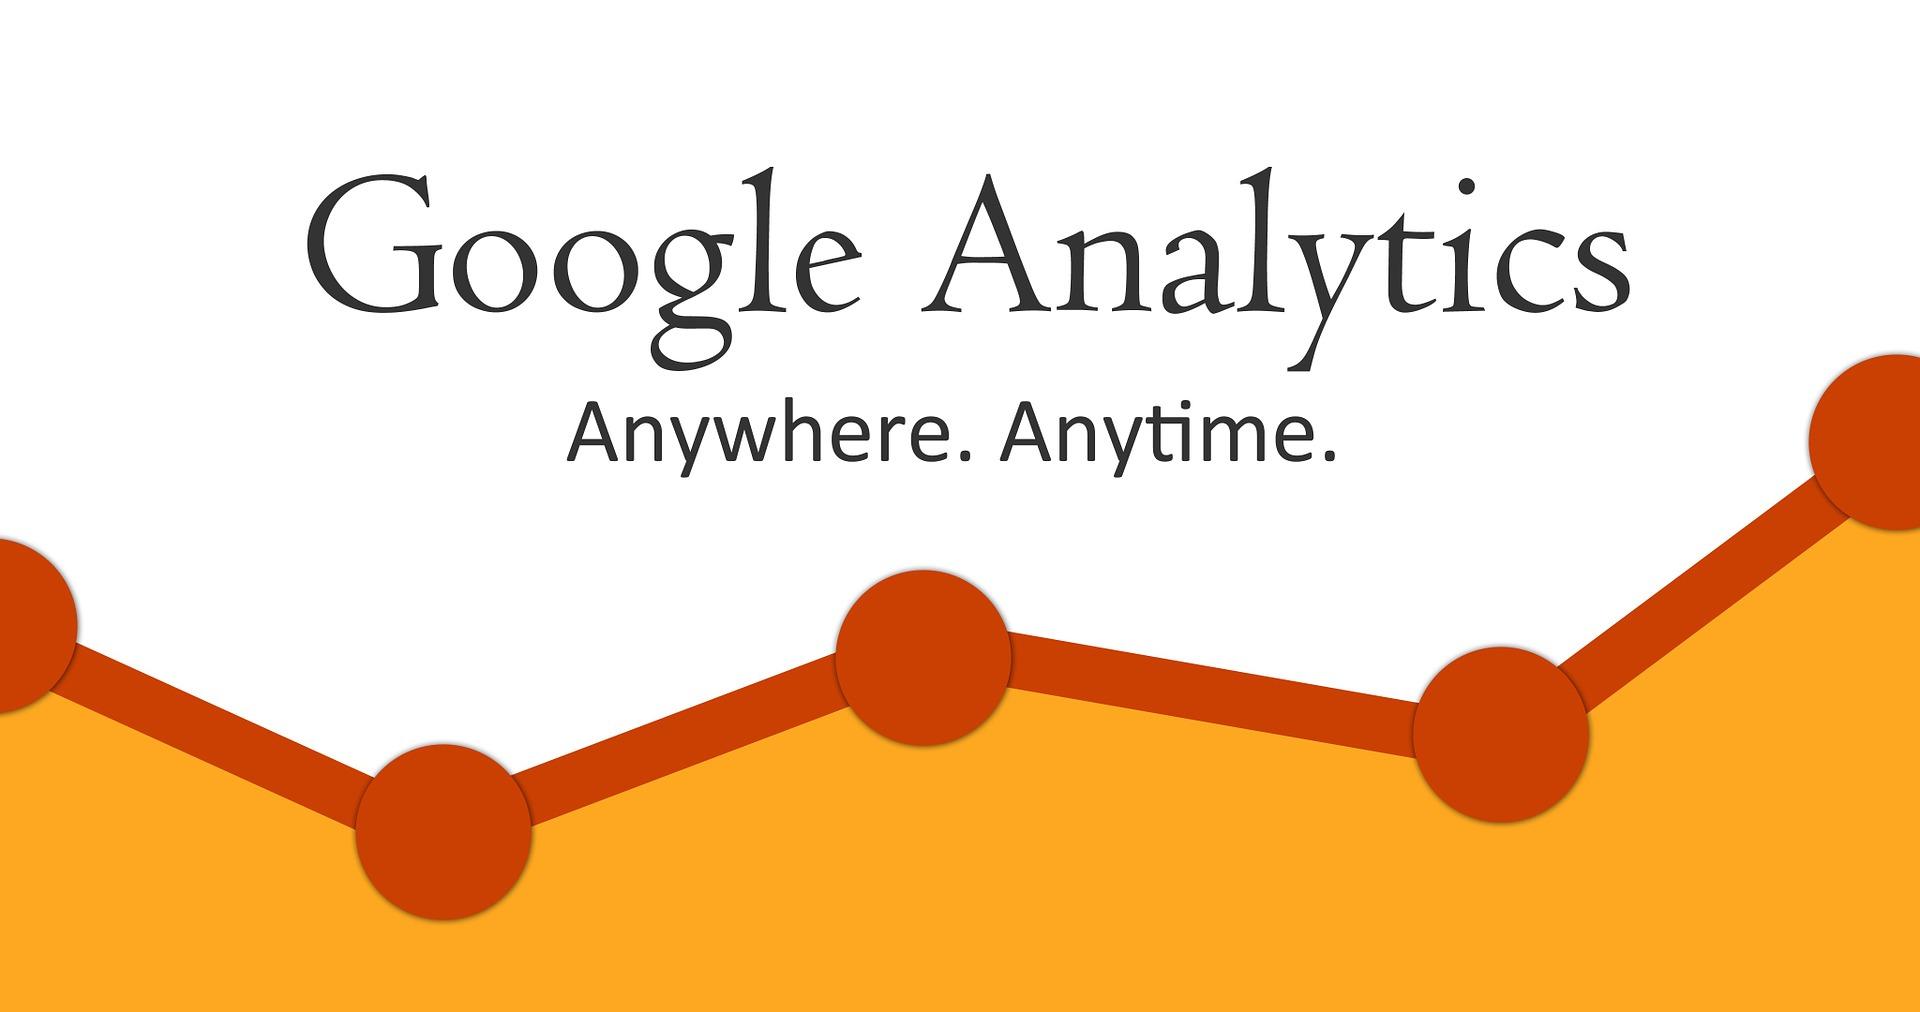 Google Analytics como herramienta de remarketing y una manera sencilla de mejorar tus objetivos de negocio